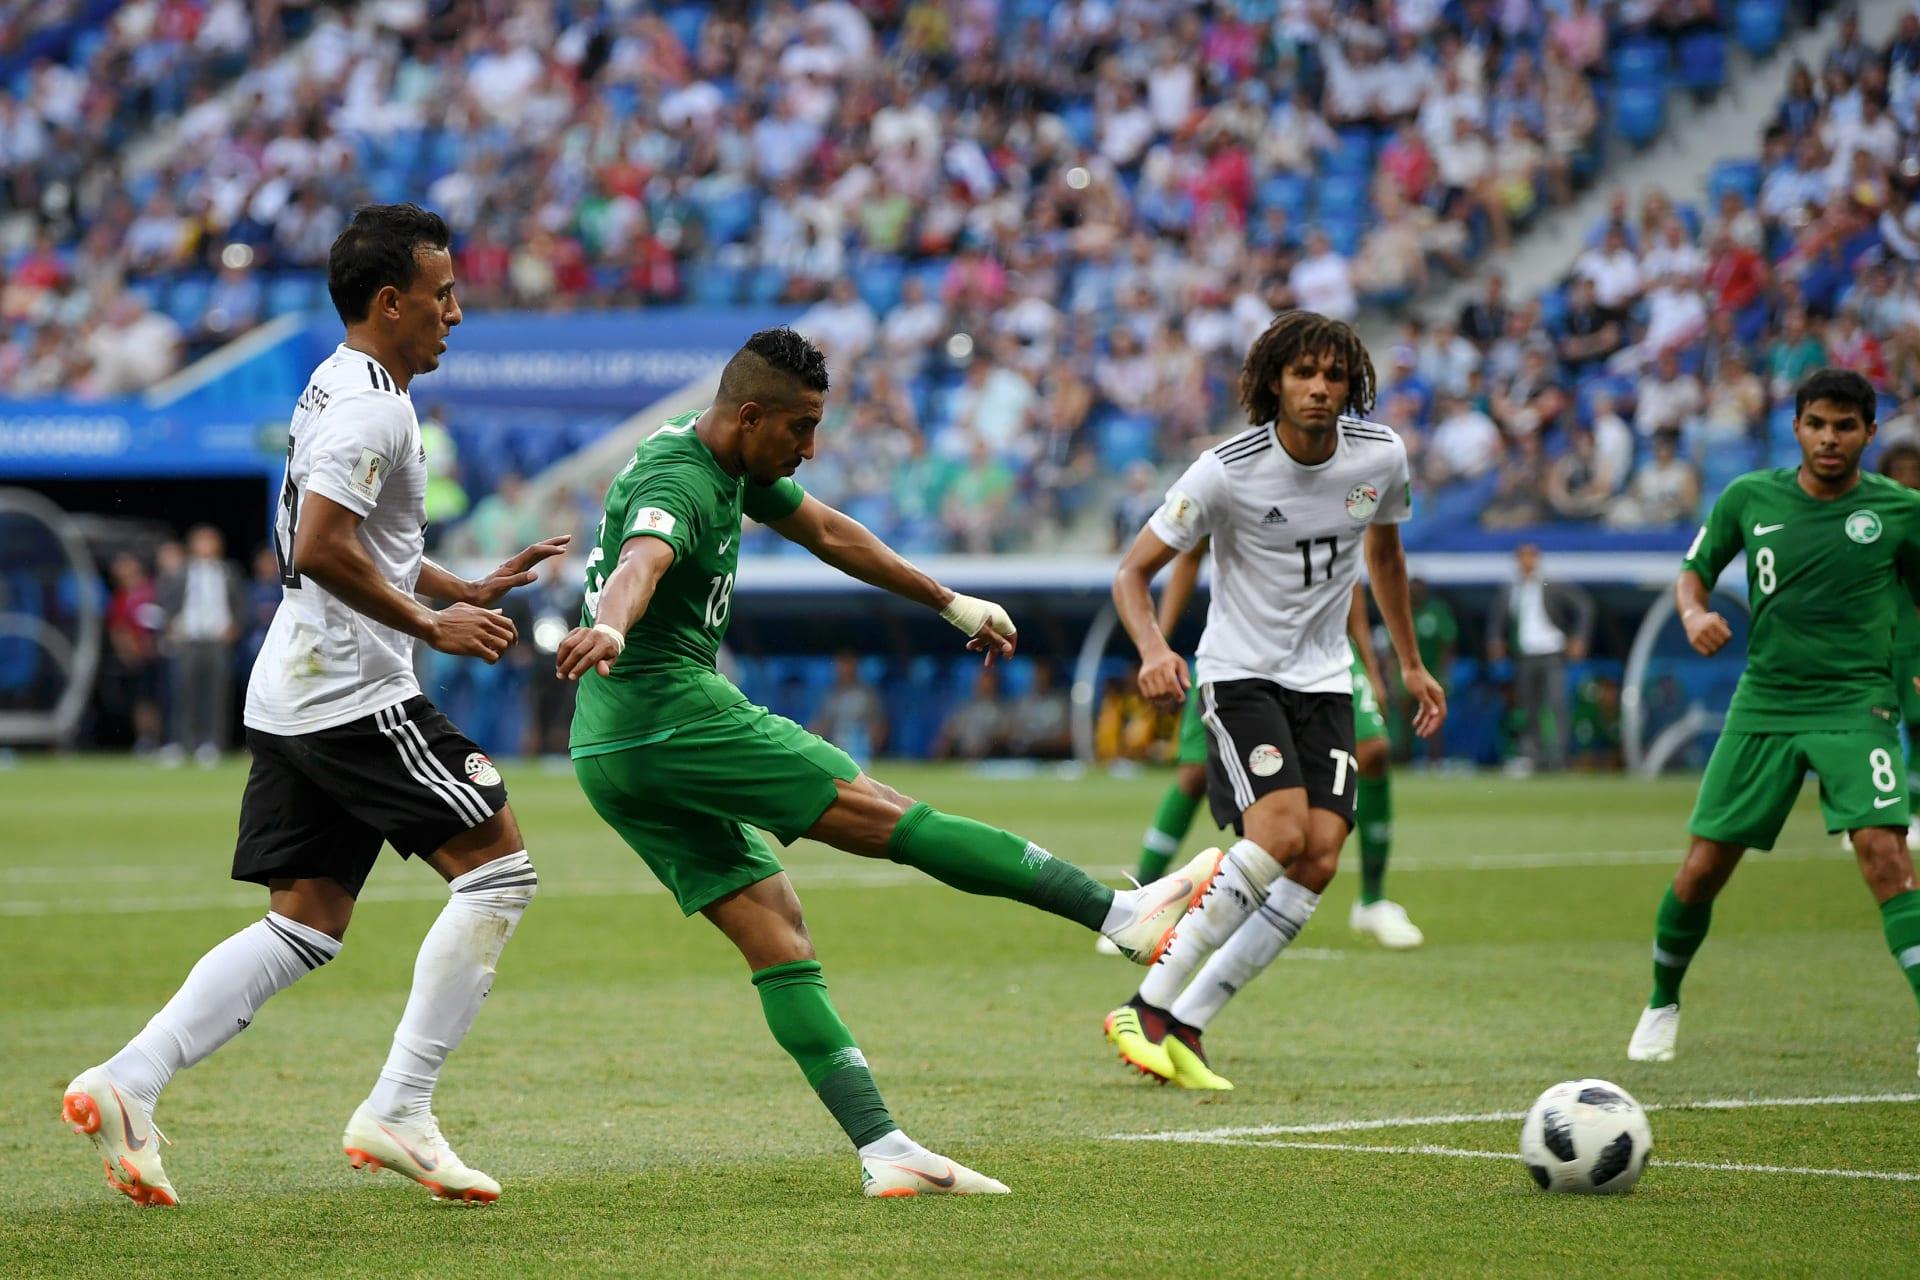 السعودية تقلب الطاولة على مصر وتحقق الفوز الأول في المونديال منذ 1994